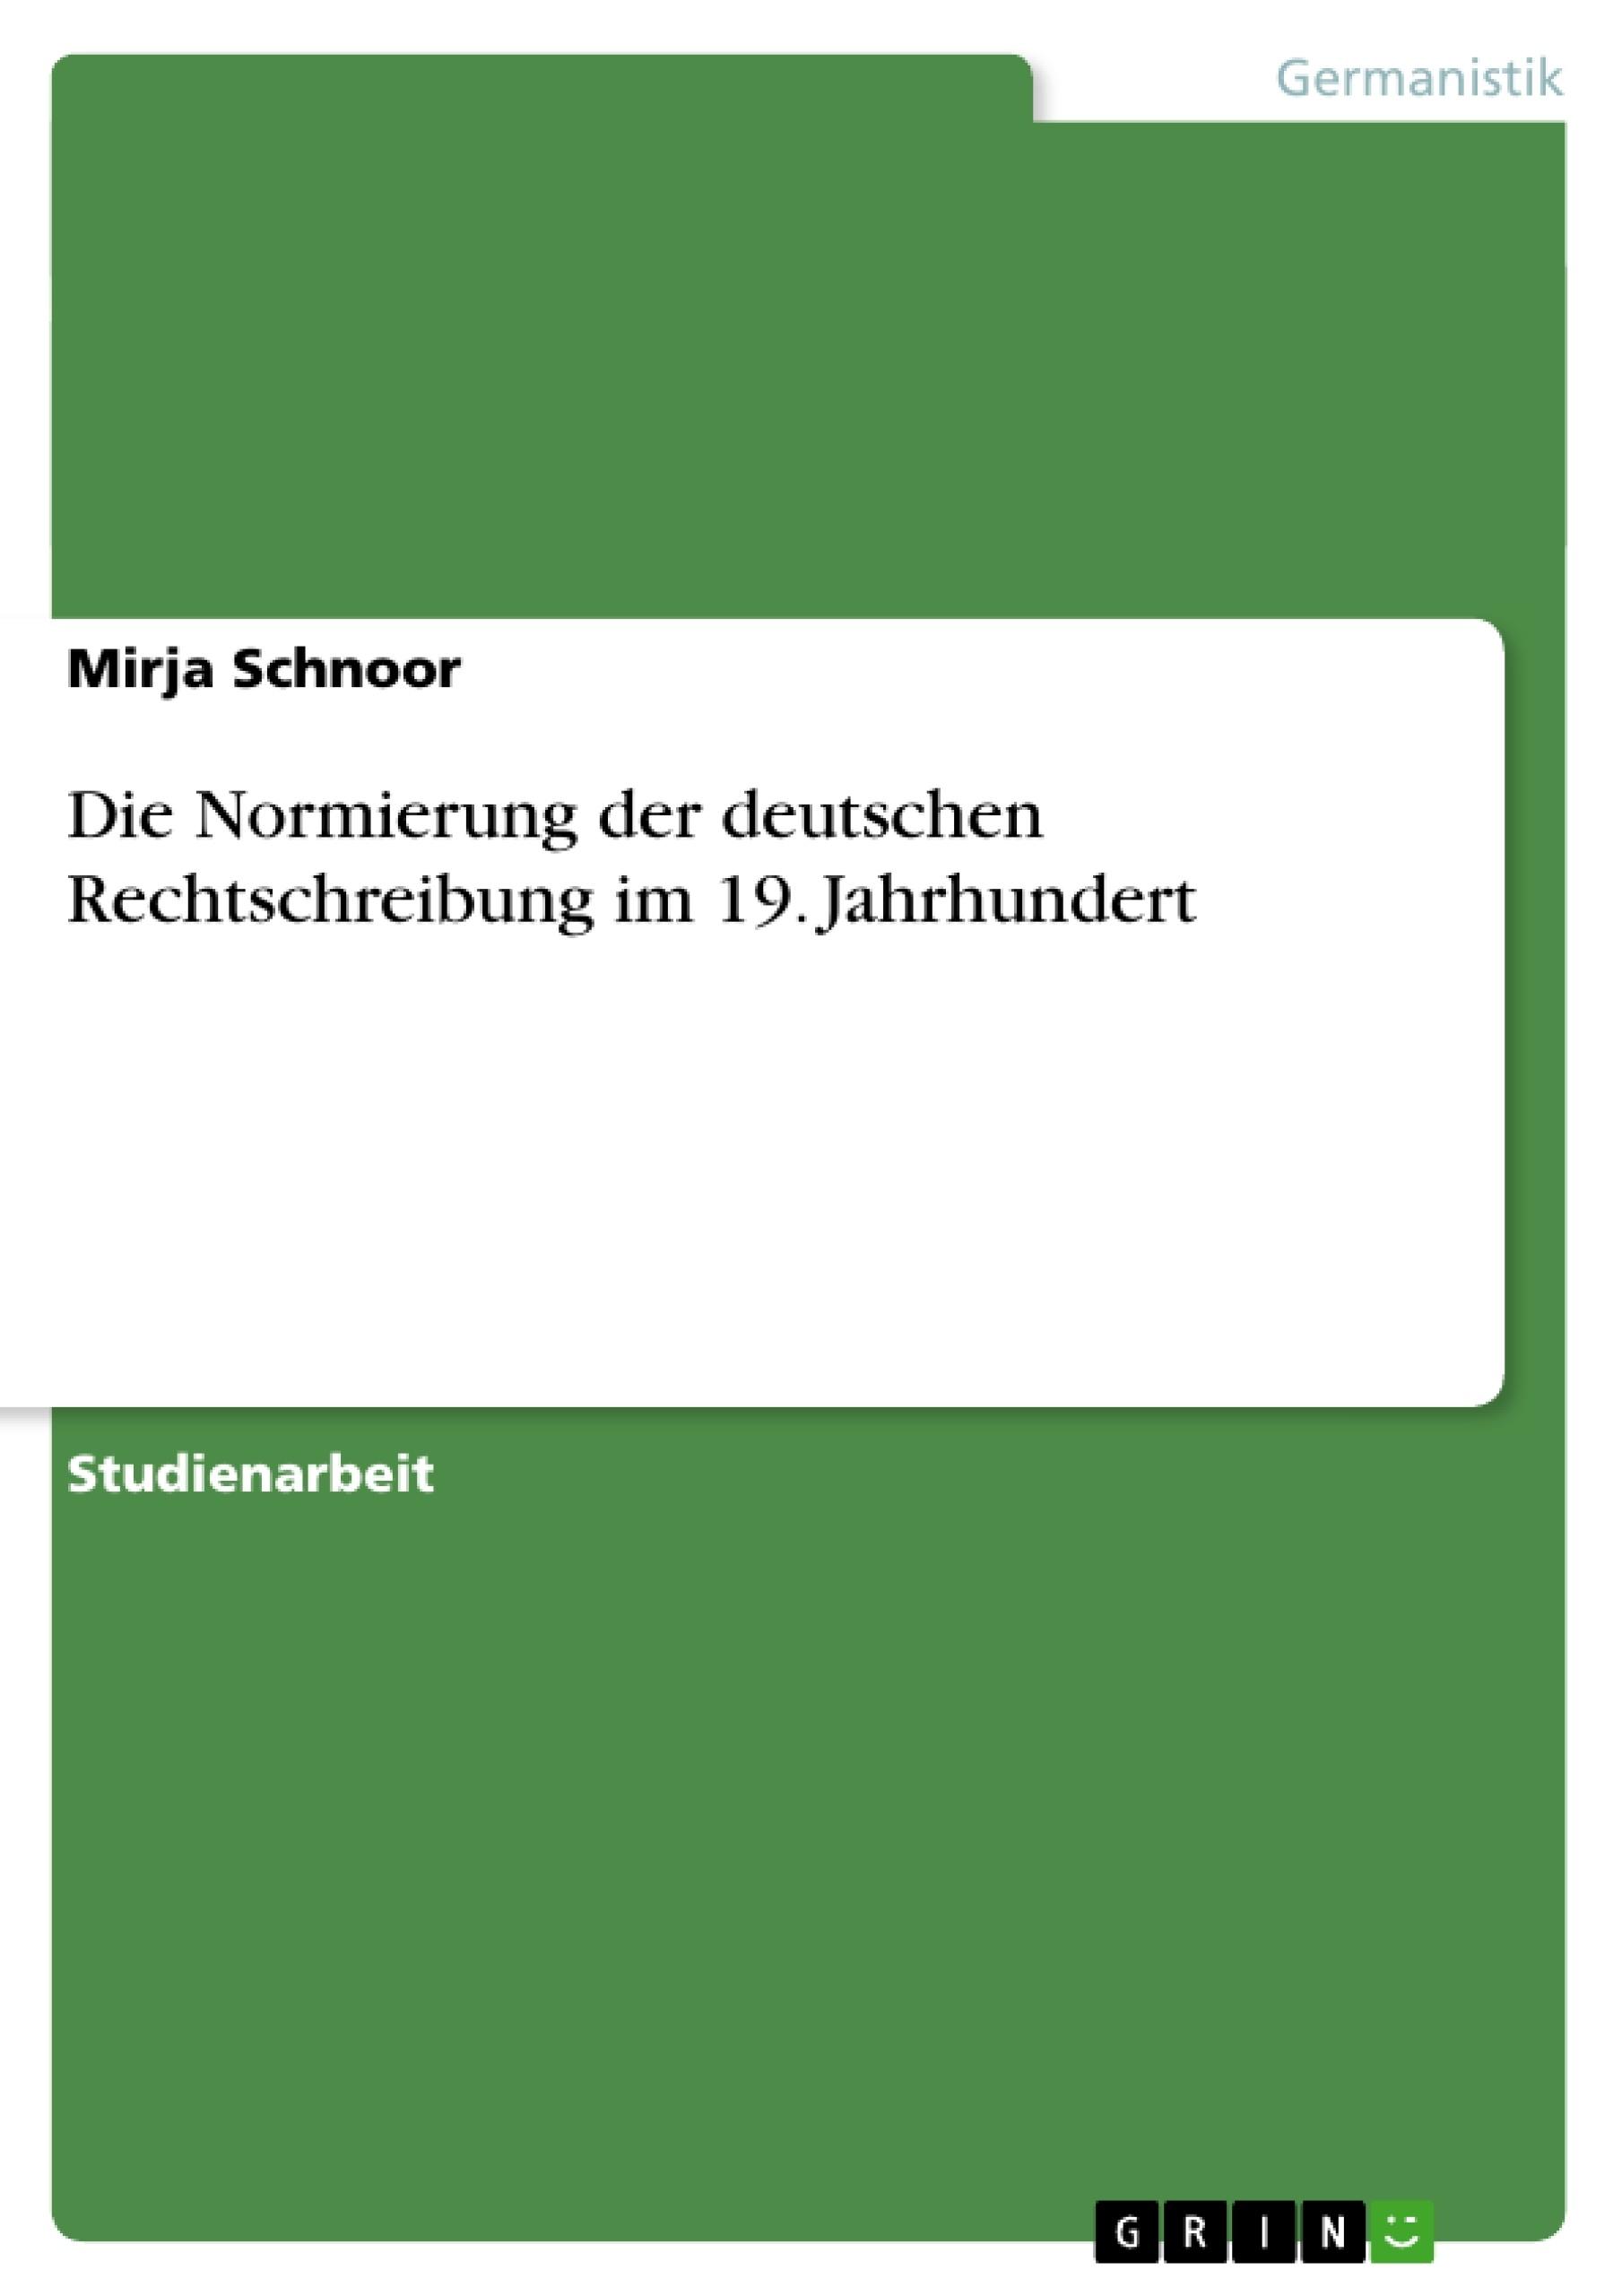 Titel: Die Normierung der deutschen Rechtschreibung im 19. Jahrhundert